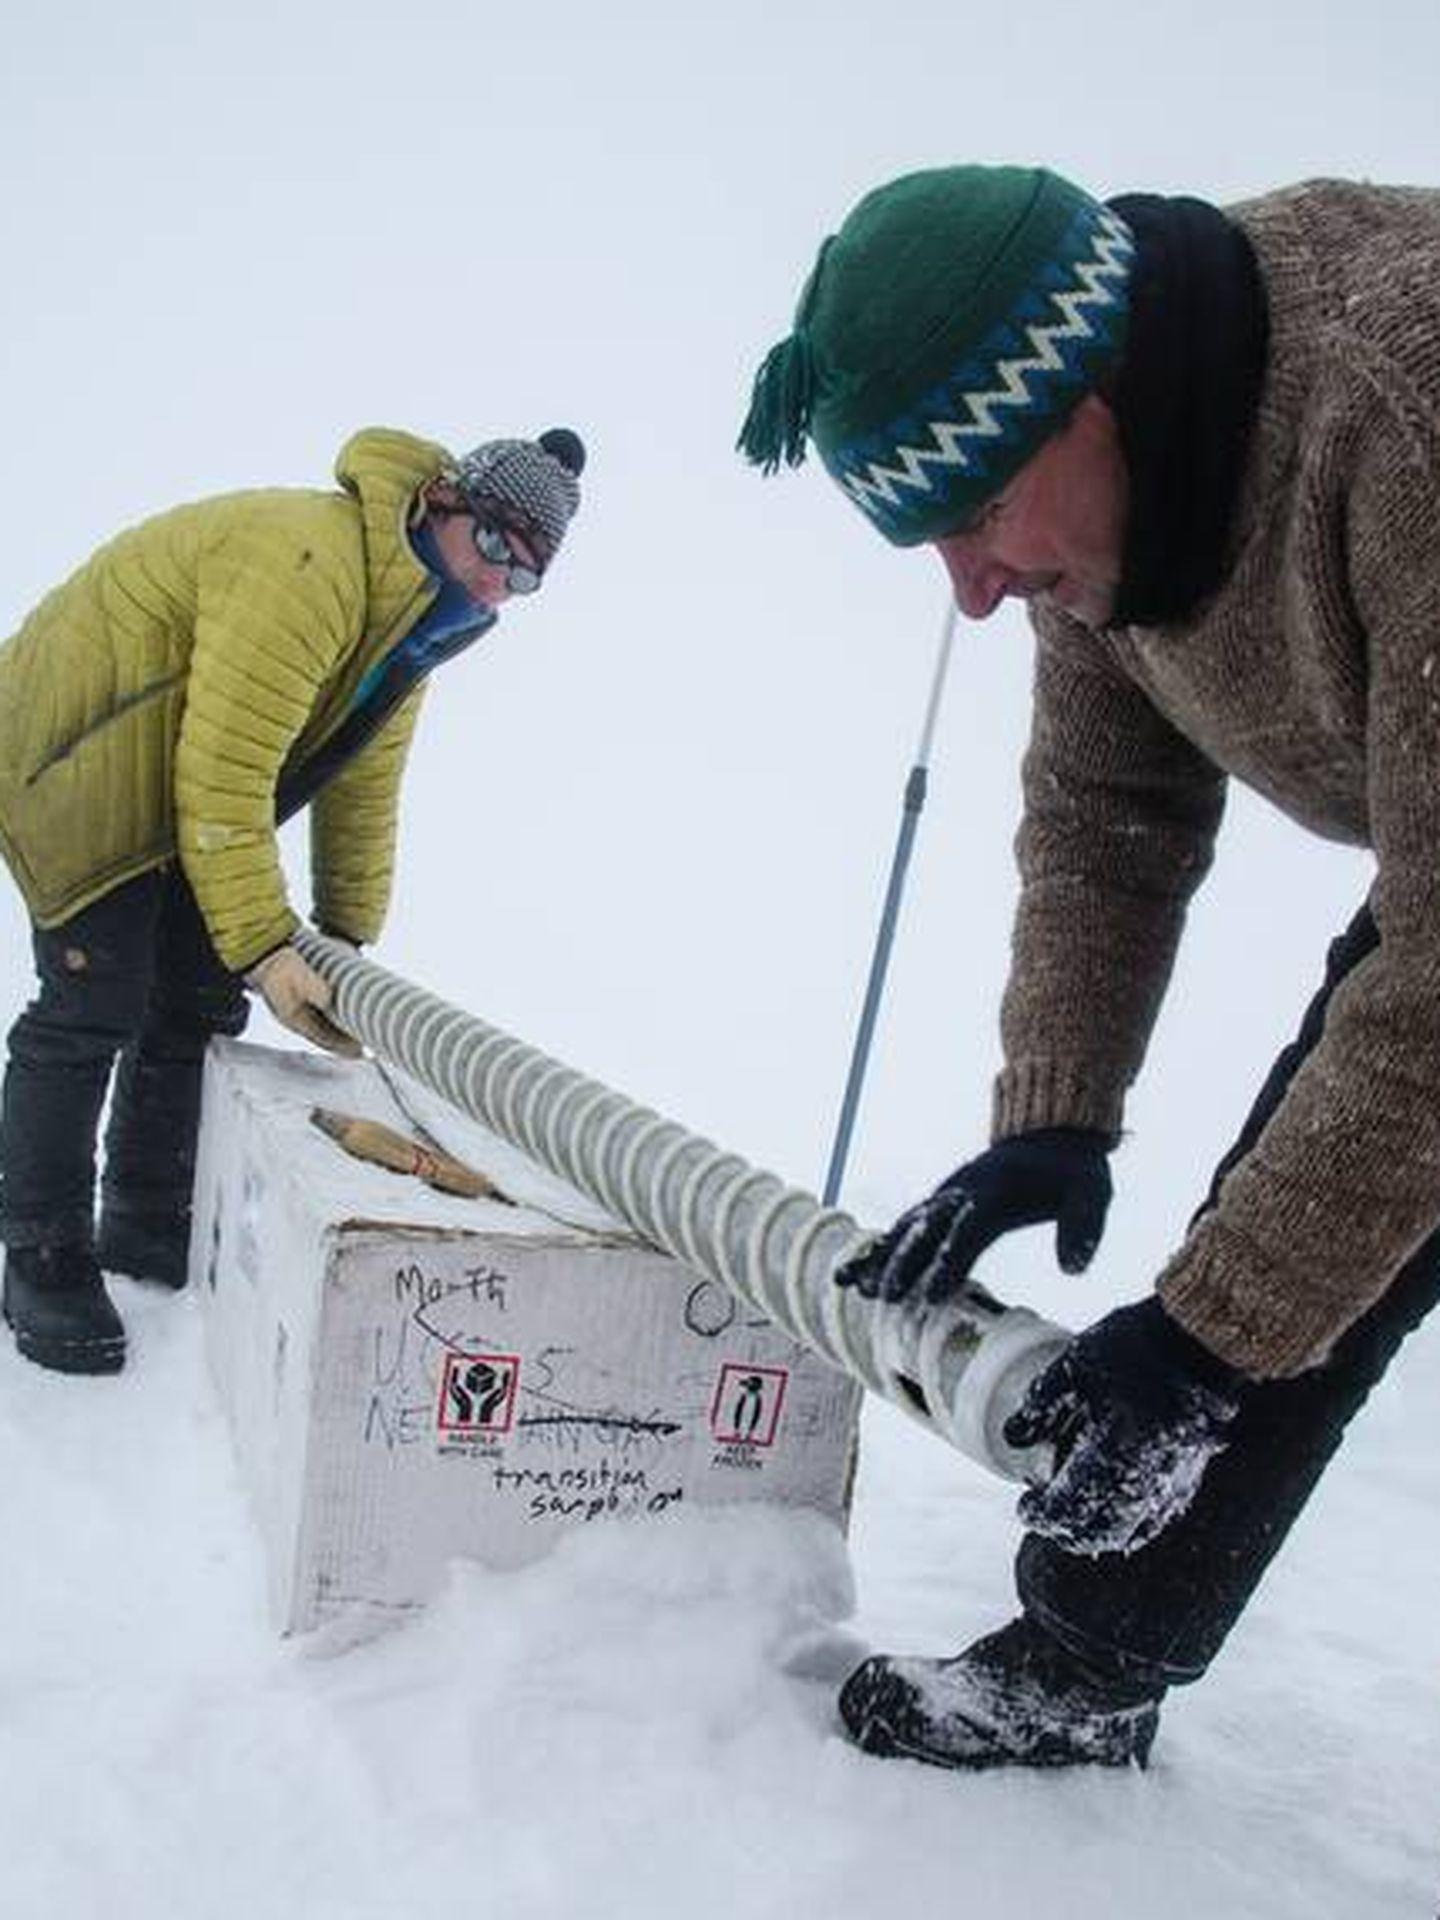 Los investigadores preparando las herramientas para extraer las muestras de hielo centenario. Foto: Sarah Das/Woods Hole Oceanographic Institution